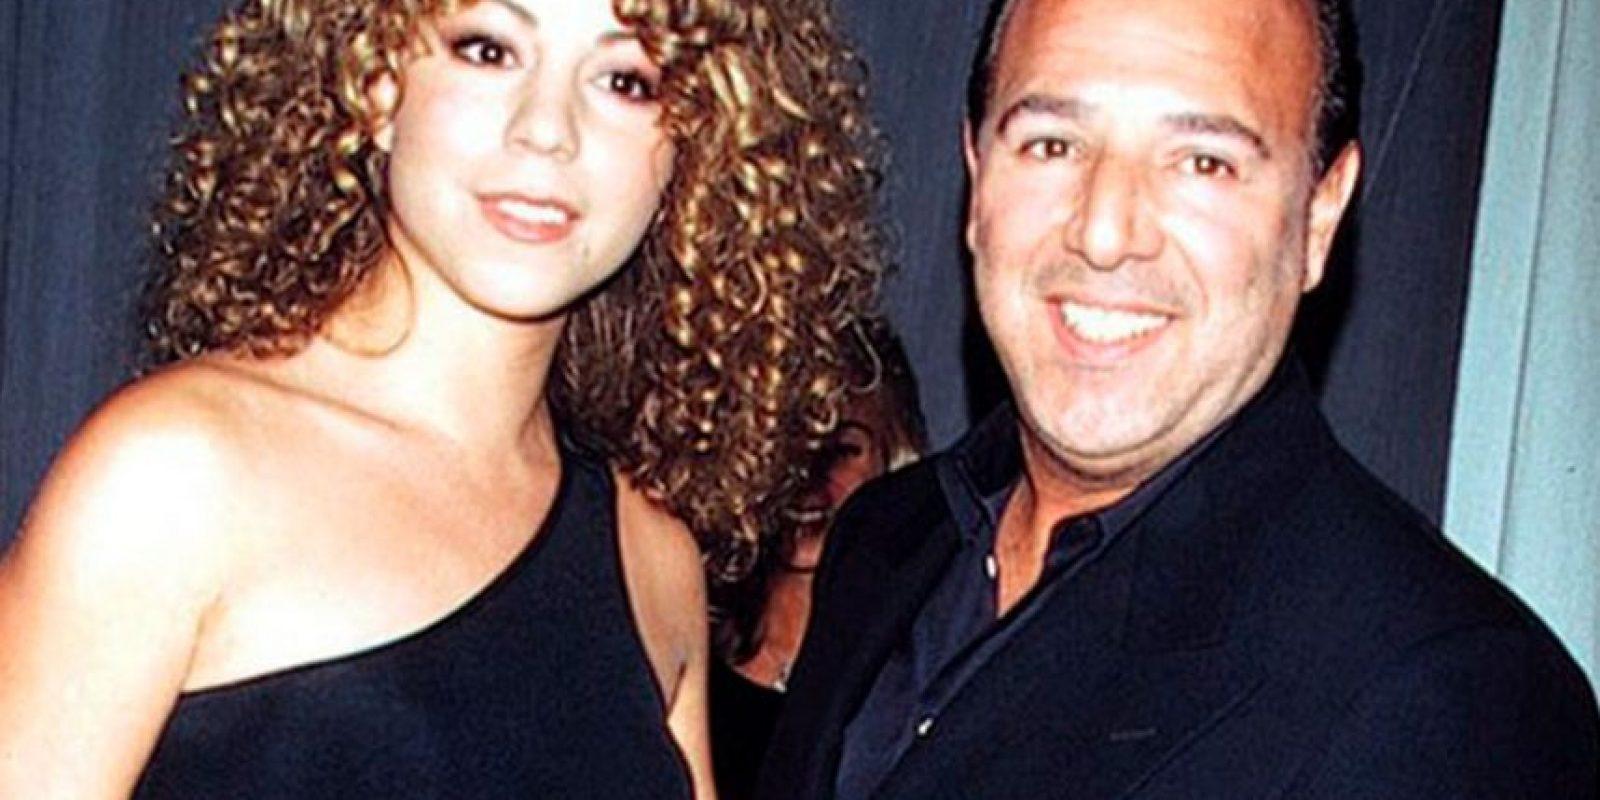 En 1993, unieron sus vidas en la iglesia St. Thomas ubicada en la Quinta Avenida de Nueva York. Los 300 invitados celebraron en el Metropolitan Club. Foto:Tumbrl